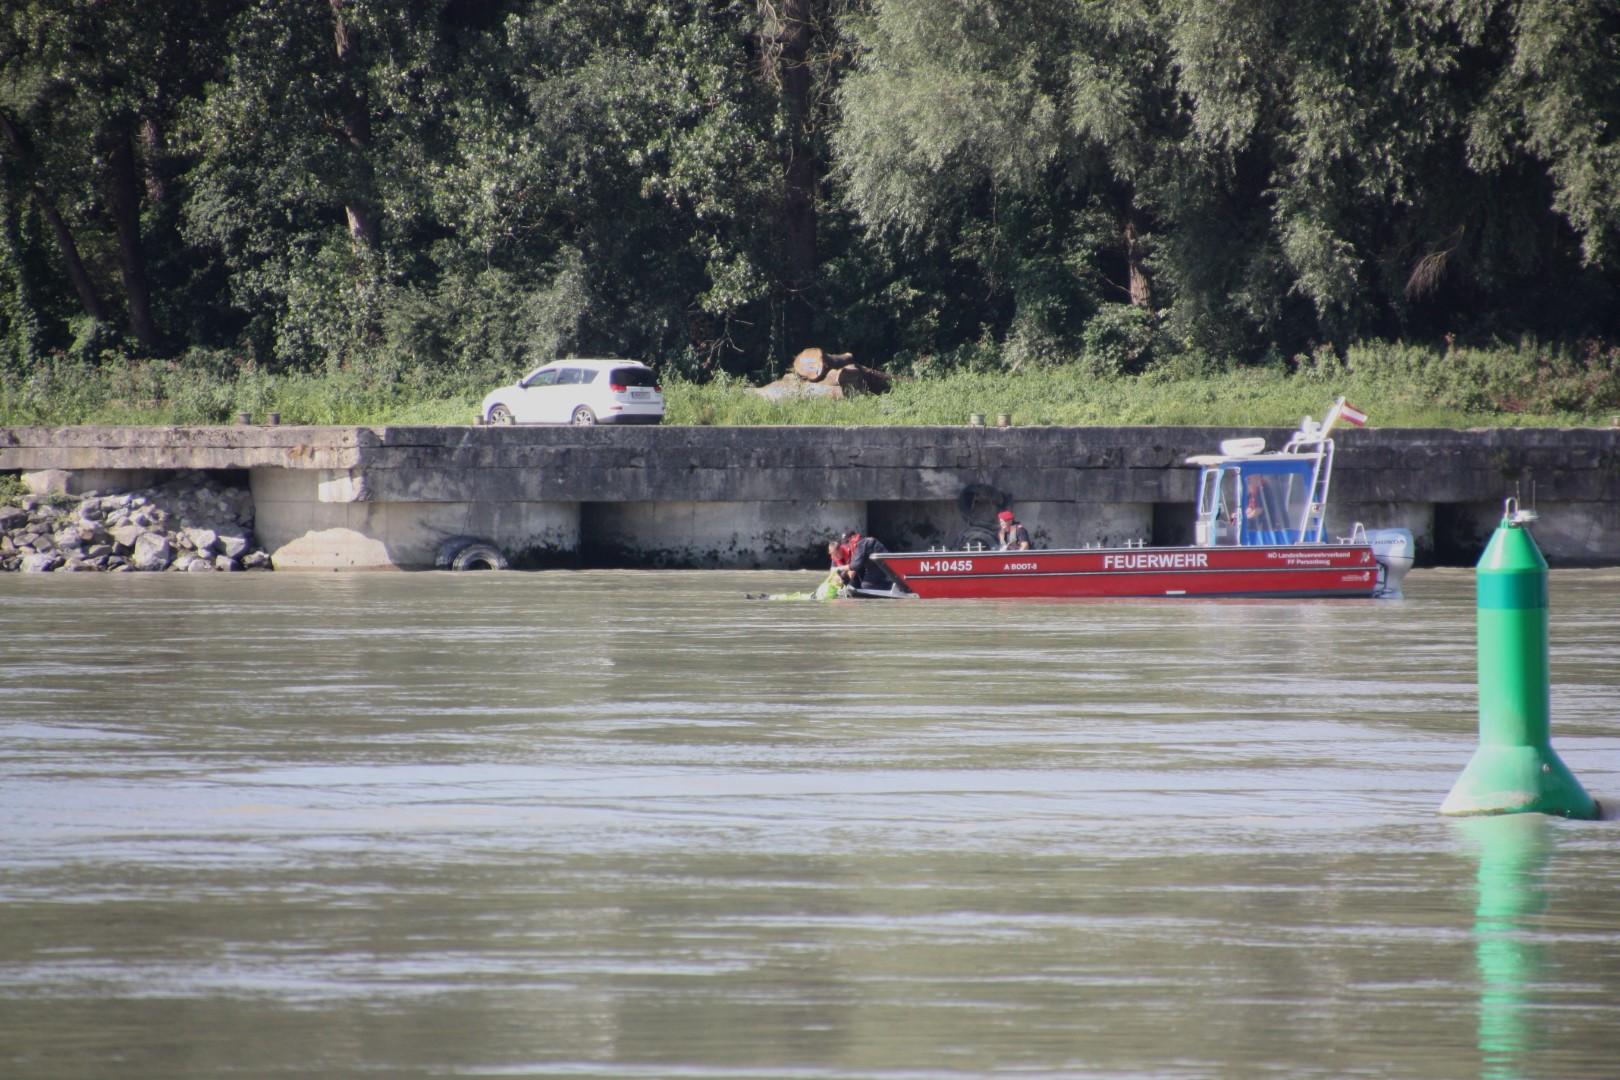 Ausbildungsprüfung-Feuerwehrboote-in-Bronze-15-Groß